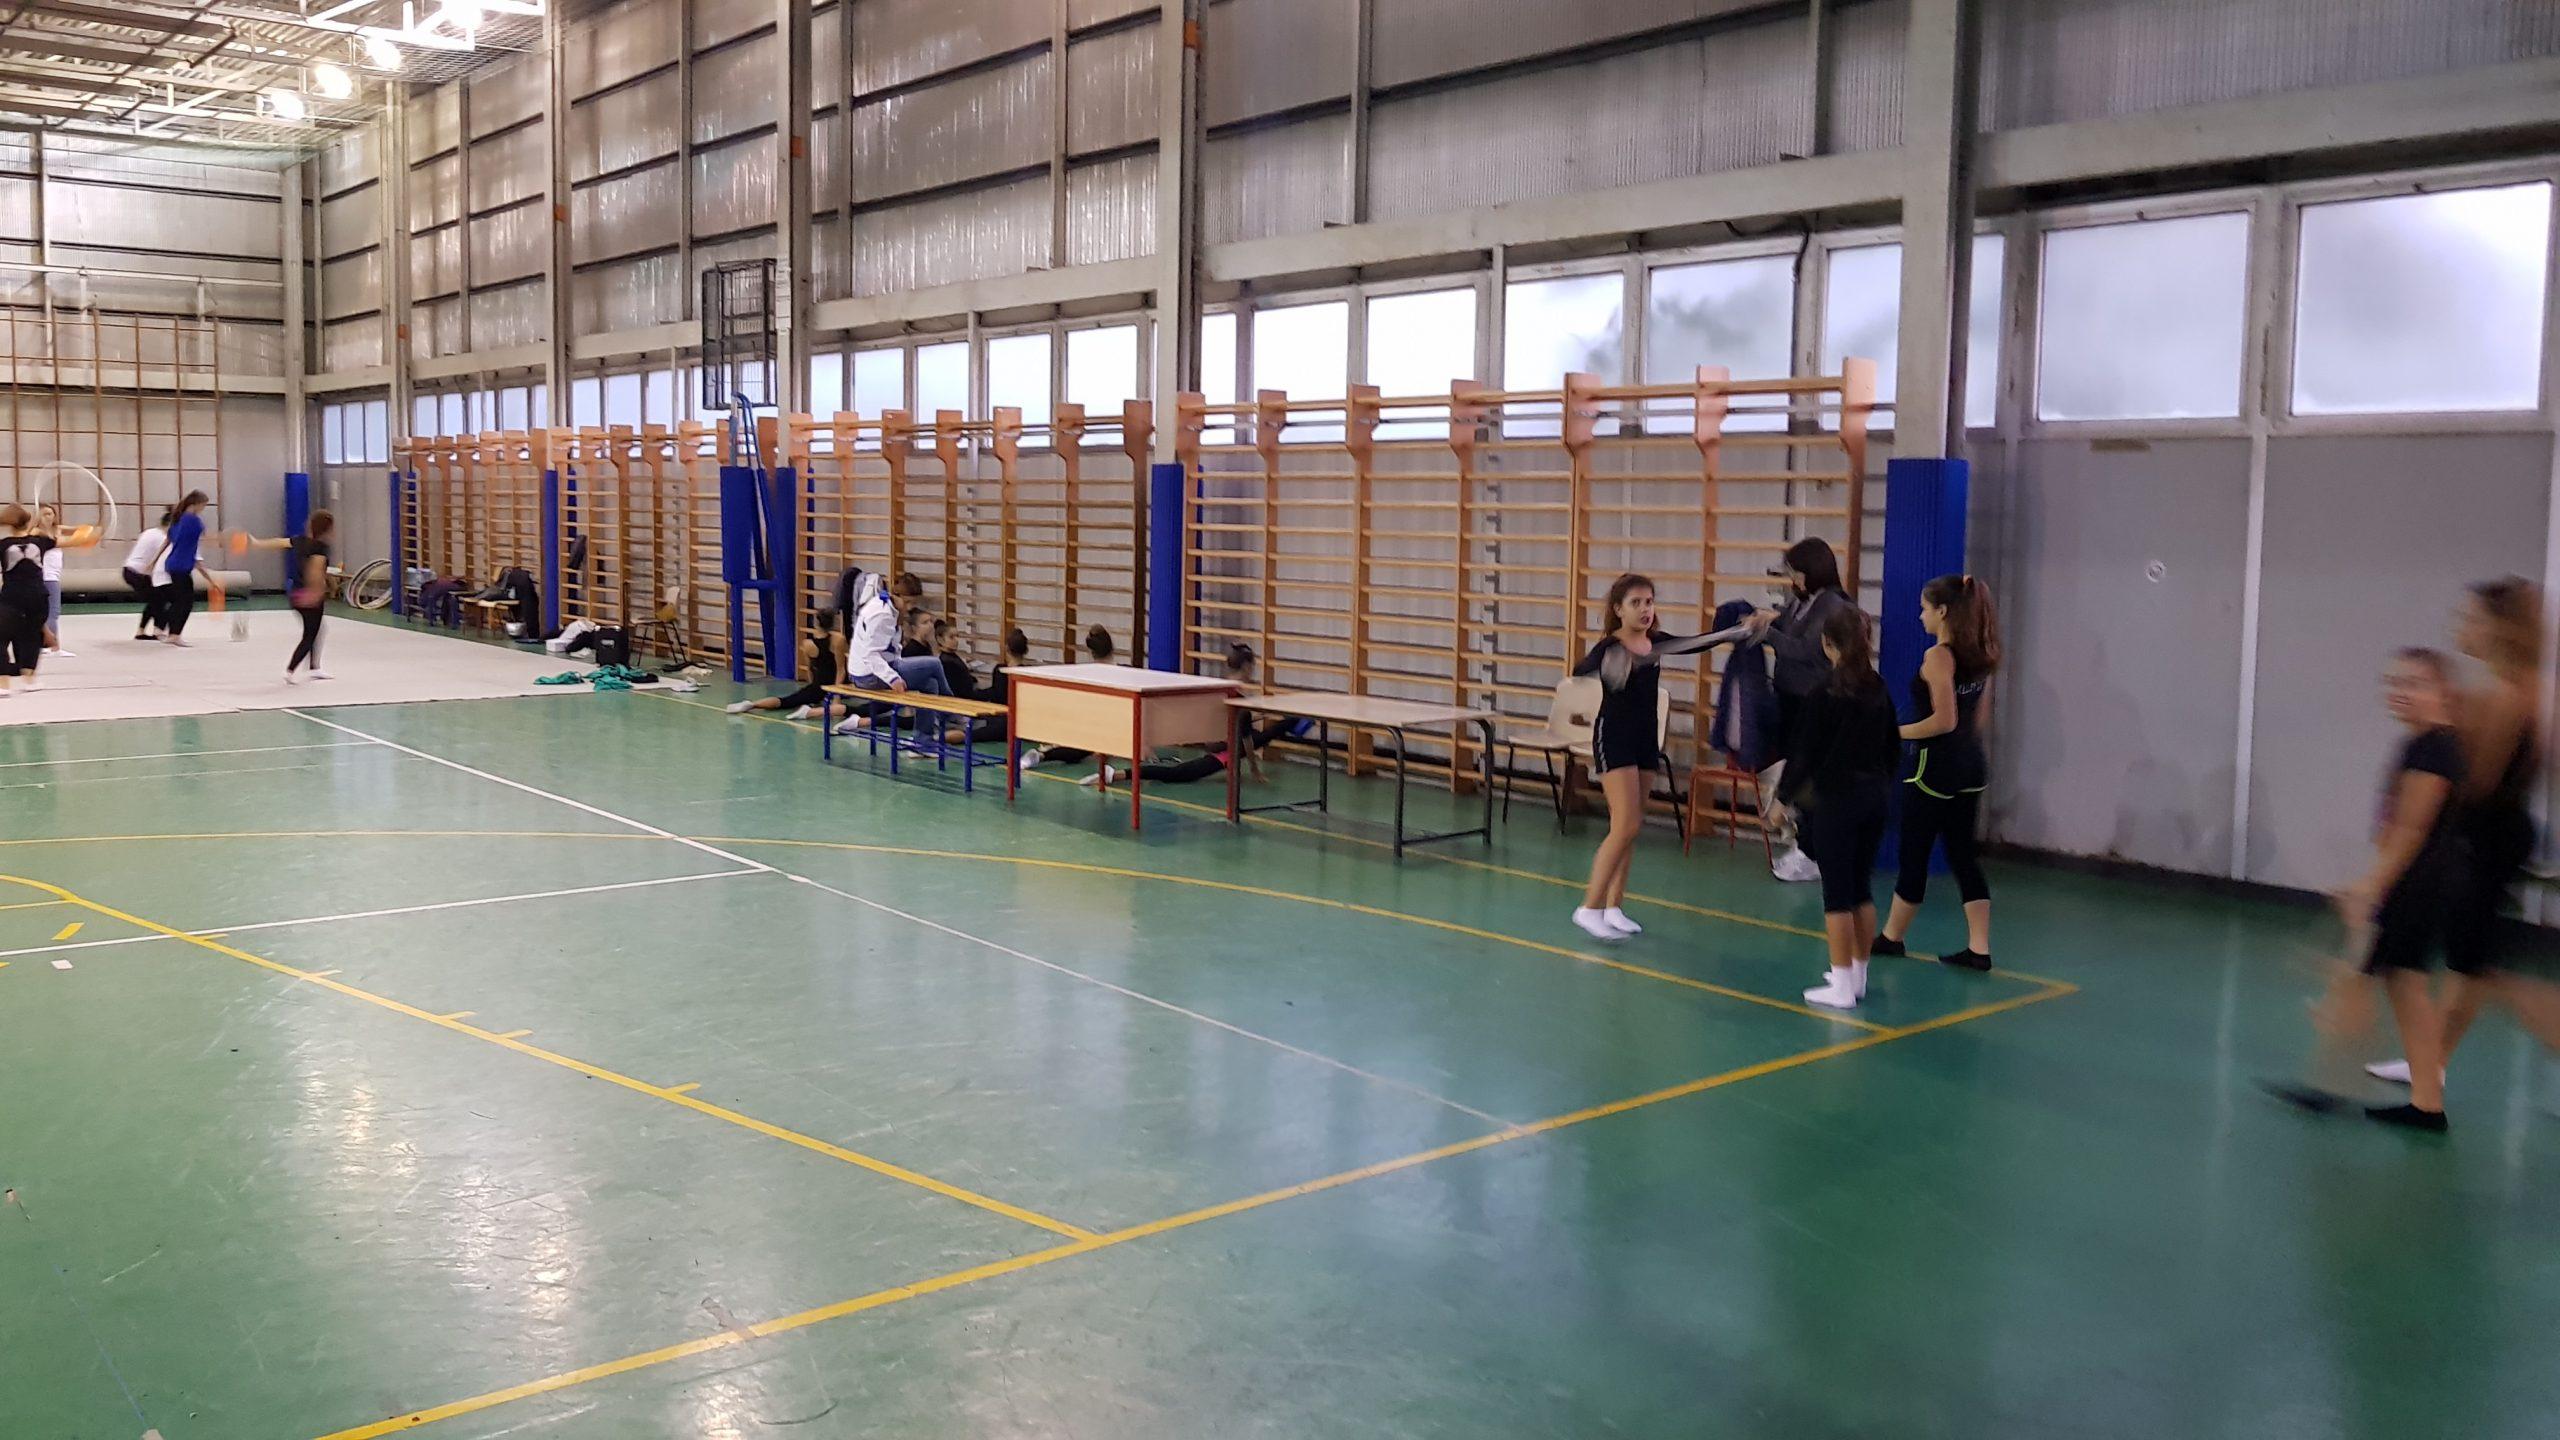 Protezioni sportive antitrauma per parapetti/recinzioni/balaustre/ringhiere/barriere per impianti sportivi